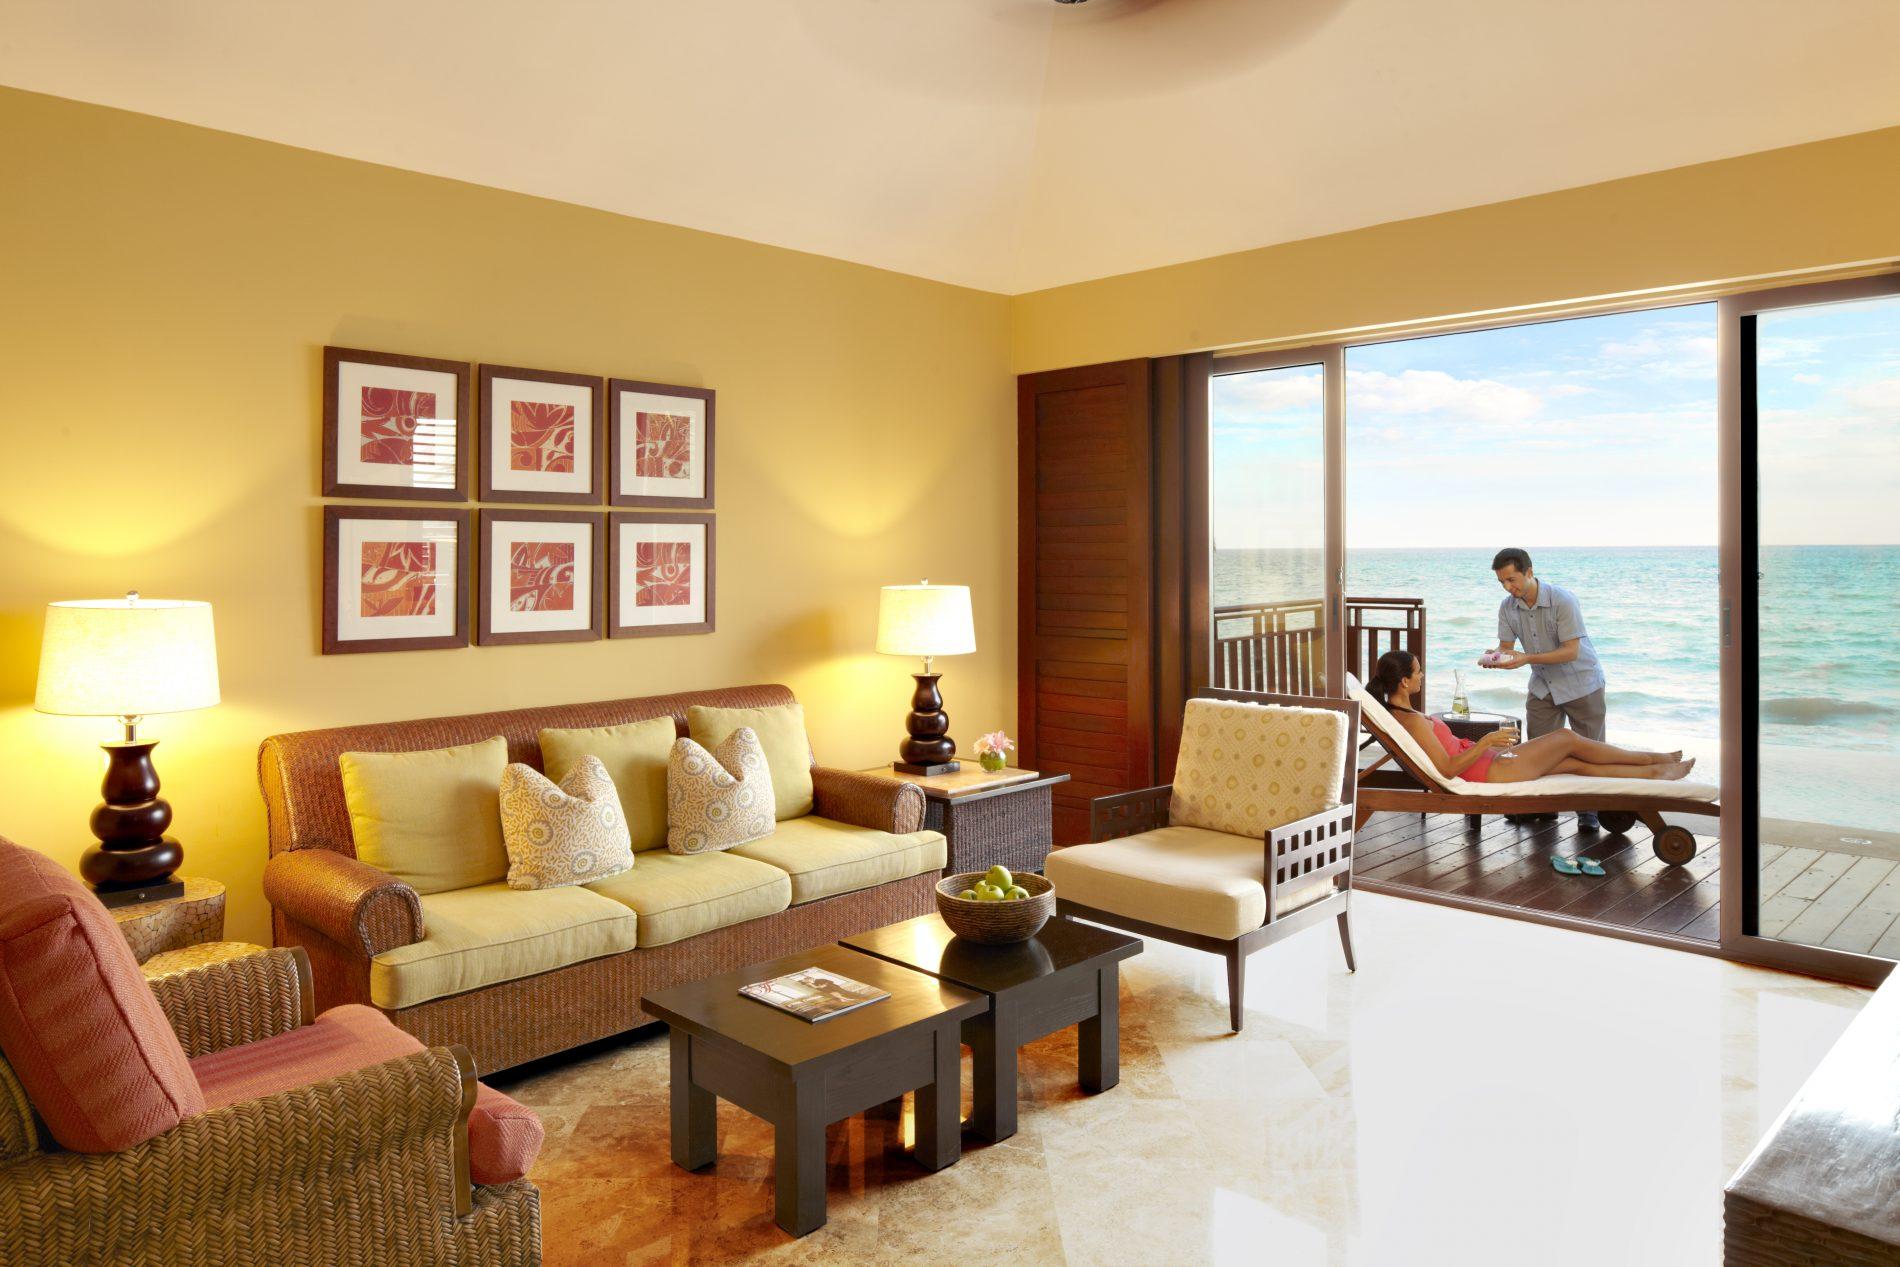 Uma das luxuosas habitações do Fairmont Mayakoba, pé na areia (Fairmont Hotels/Divulgação)